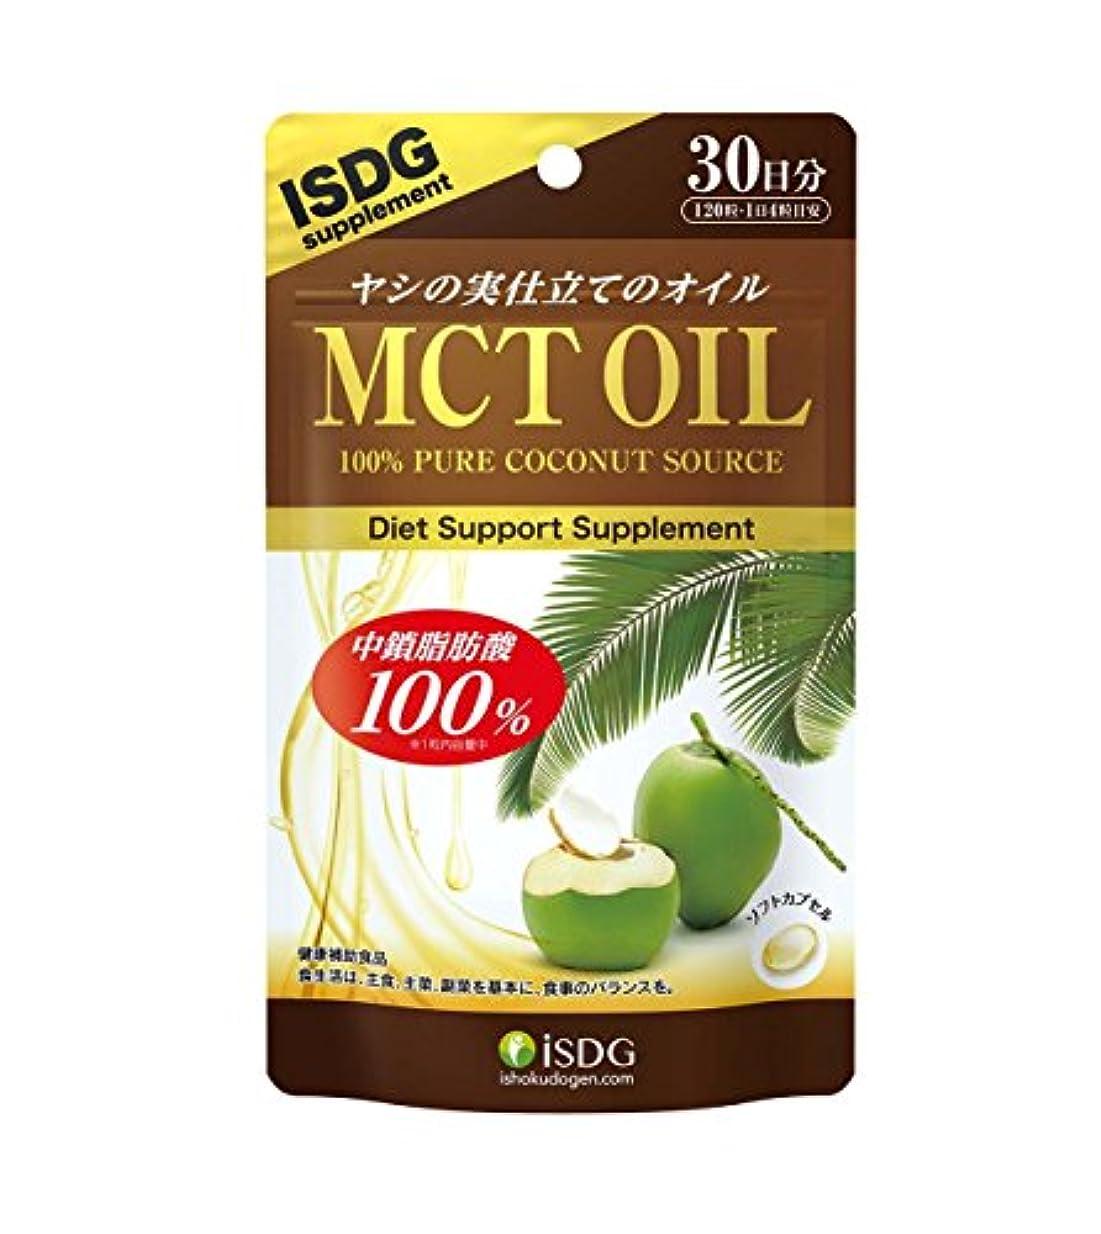 抵抗力がある情熱麻痺ISDG MCTオイル粒 120粒/1日4粒目安 ヤシの実仕立てのオイル